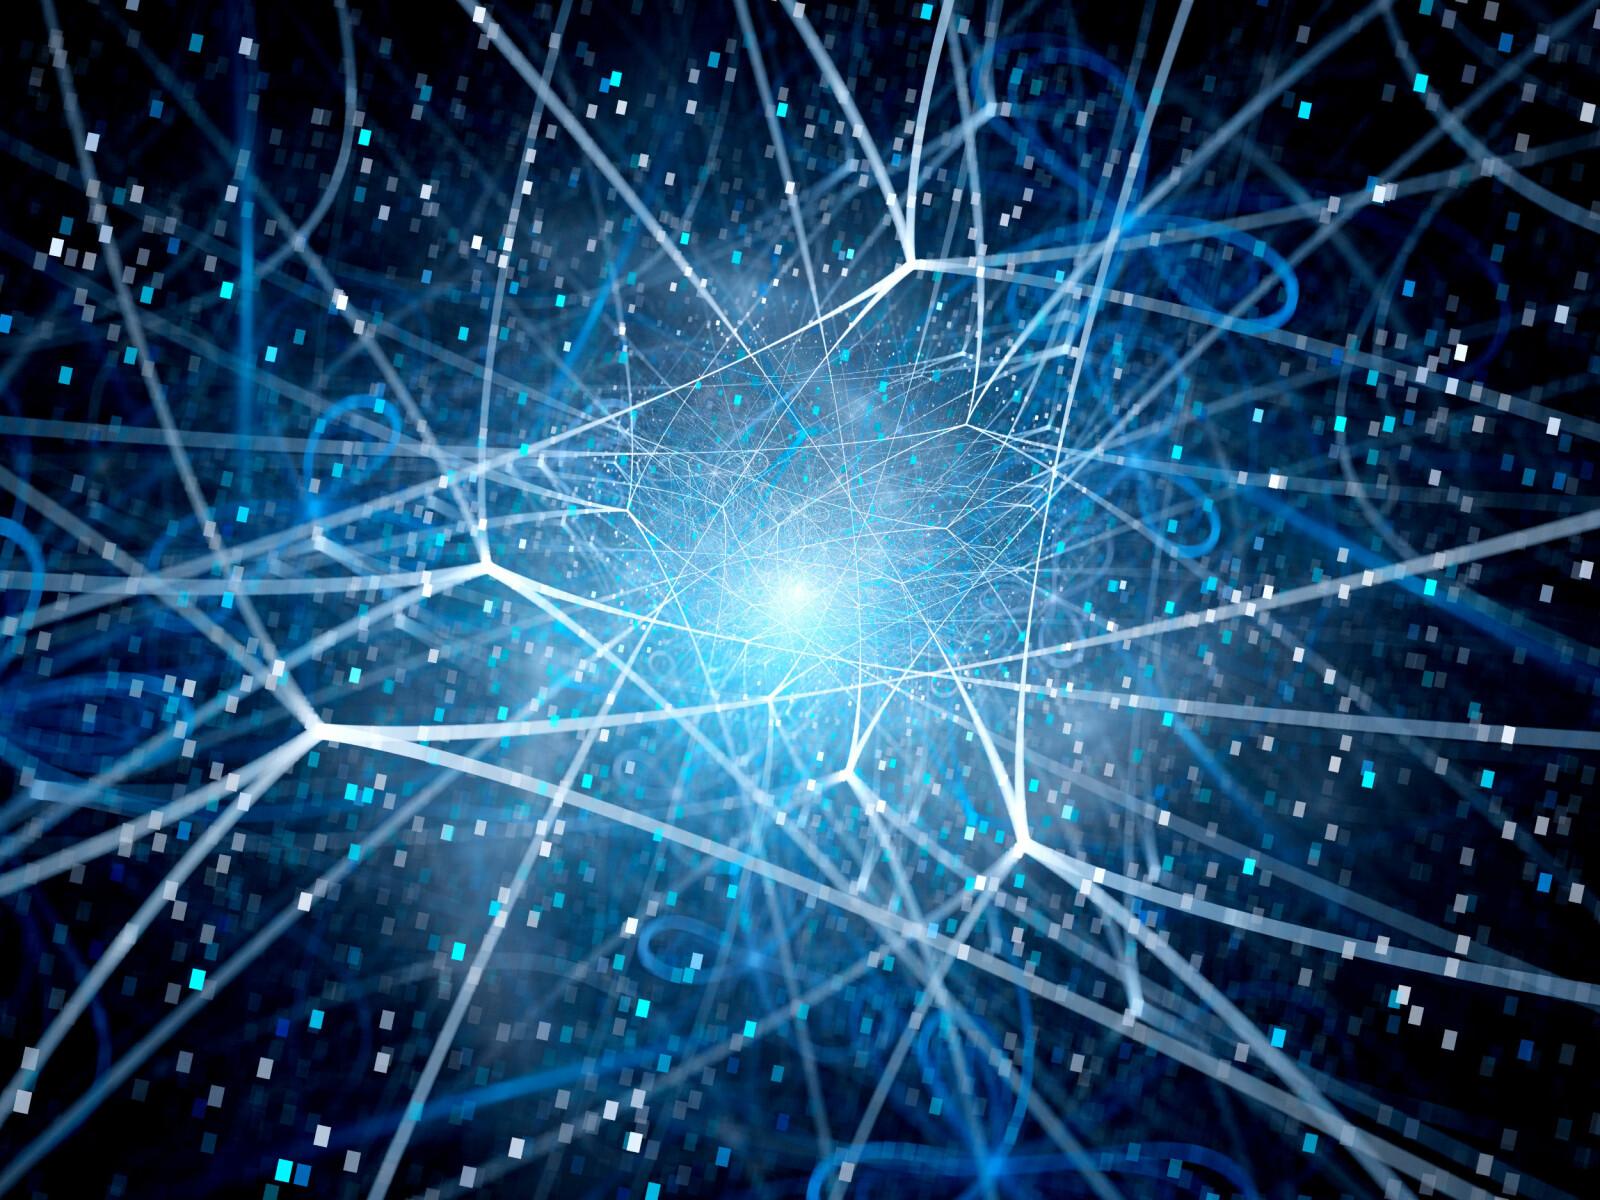 <b>HEMMELIG:</b> Et nett av fiberkabler som går ved siden av ordinære fiberkabler som gir deg og meg internett, skal sikre et eget nettverk for myndighetene i en krisesituasjon.